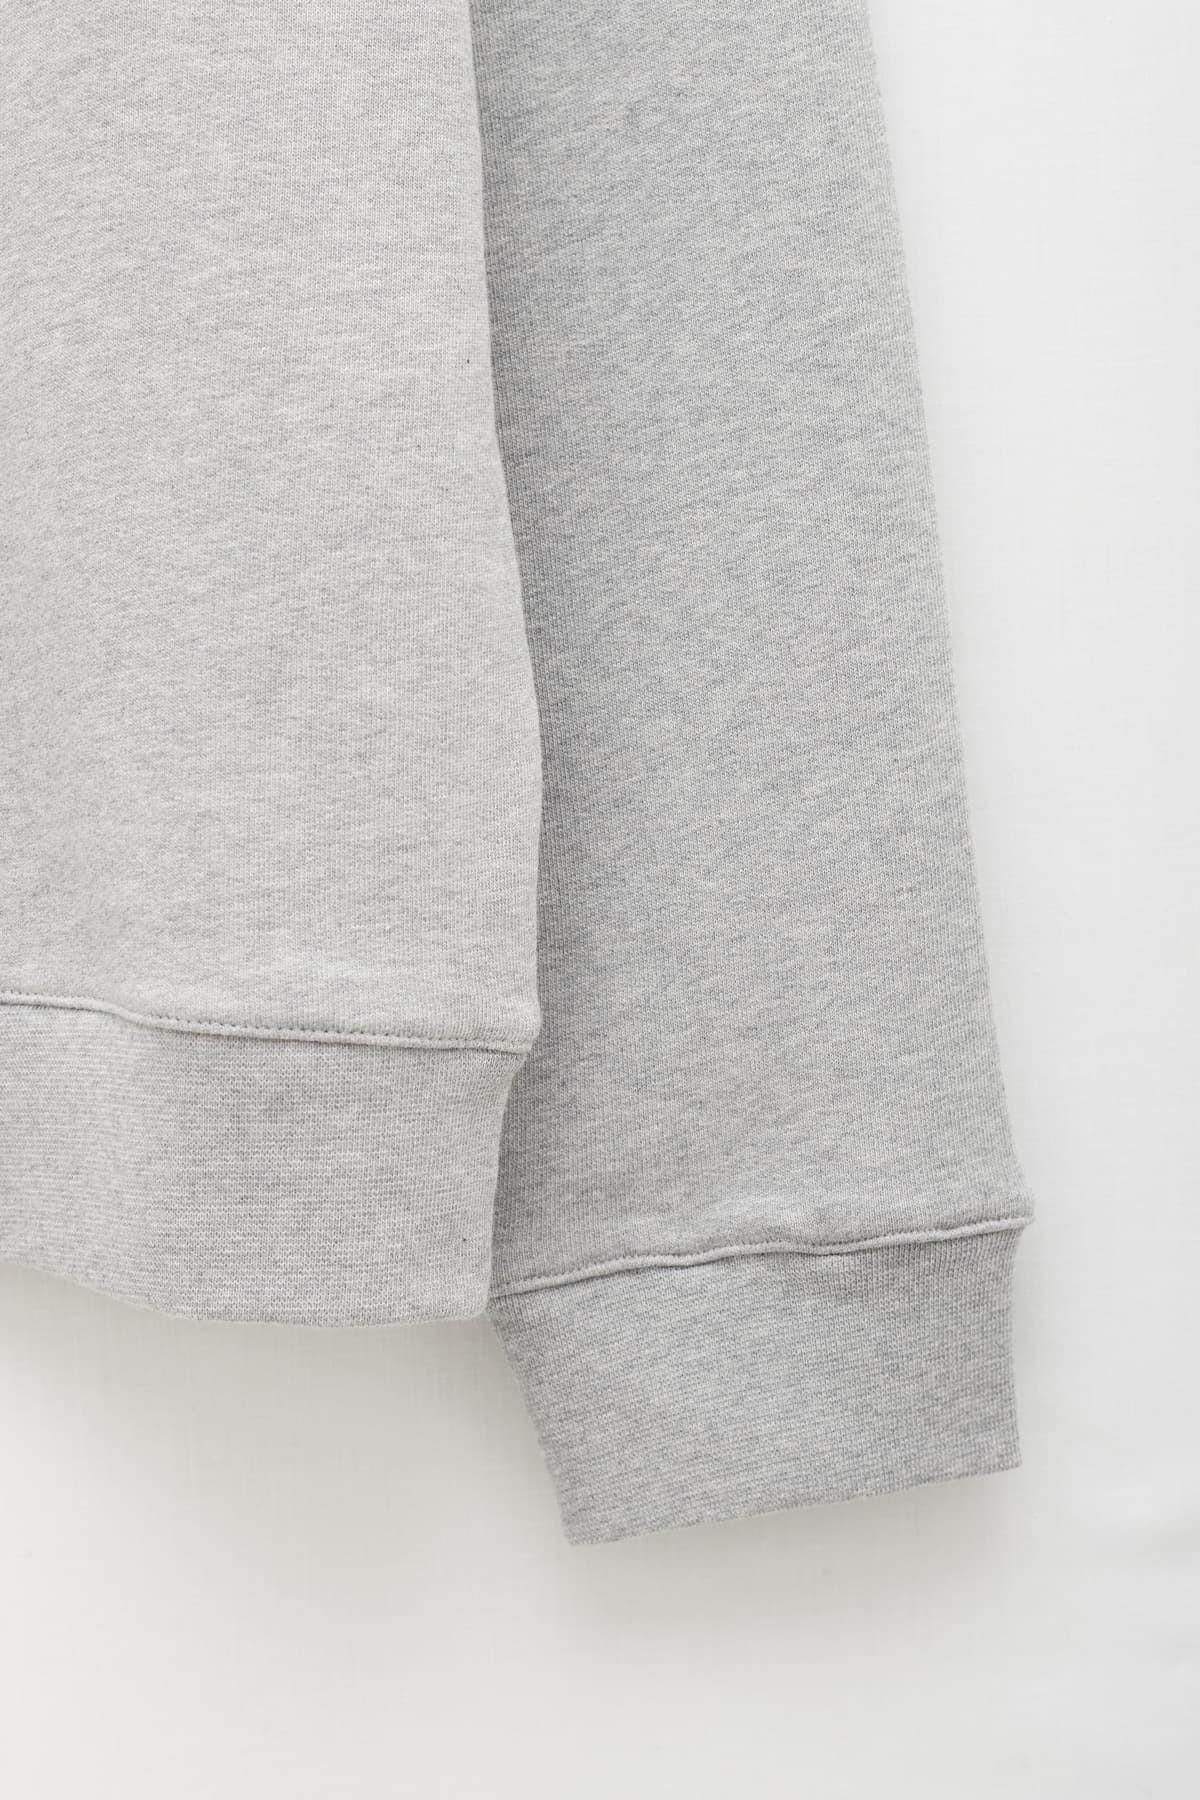 Comprar Sunnei Black Long Straight Trouser